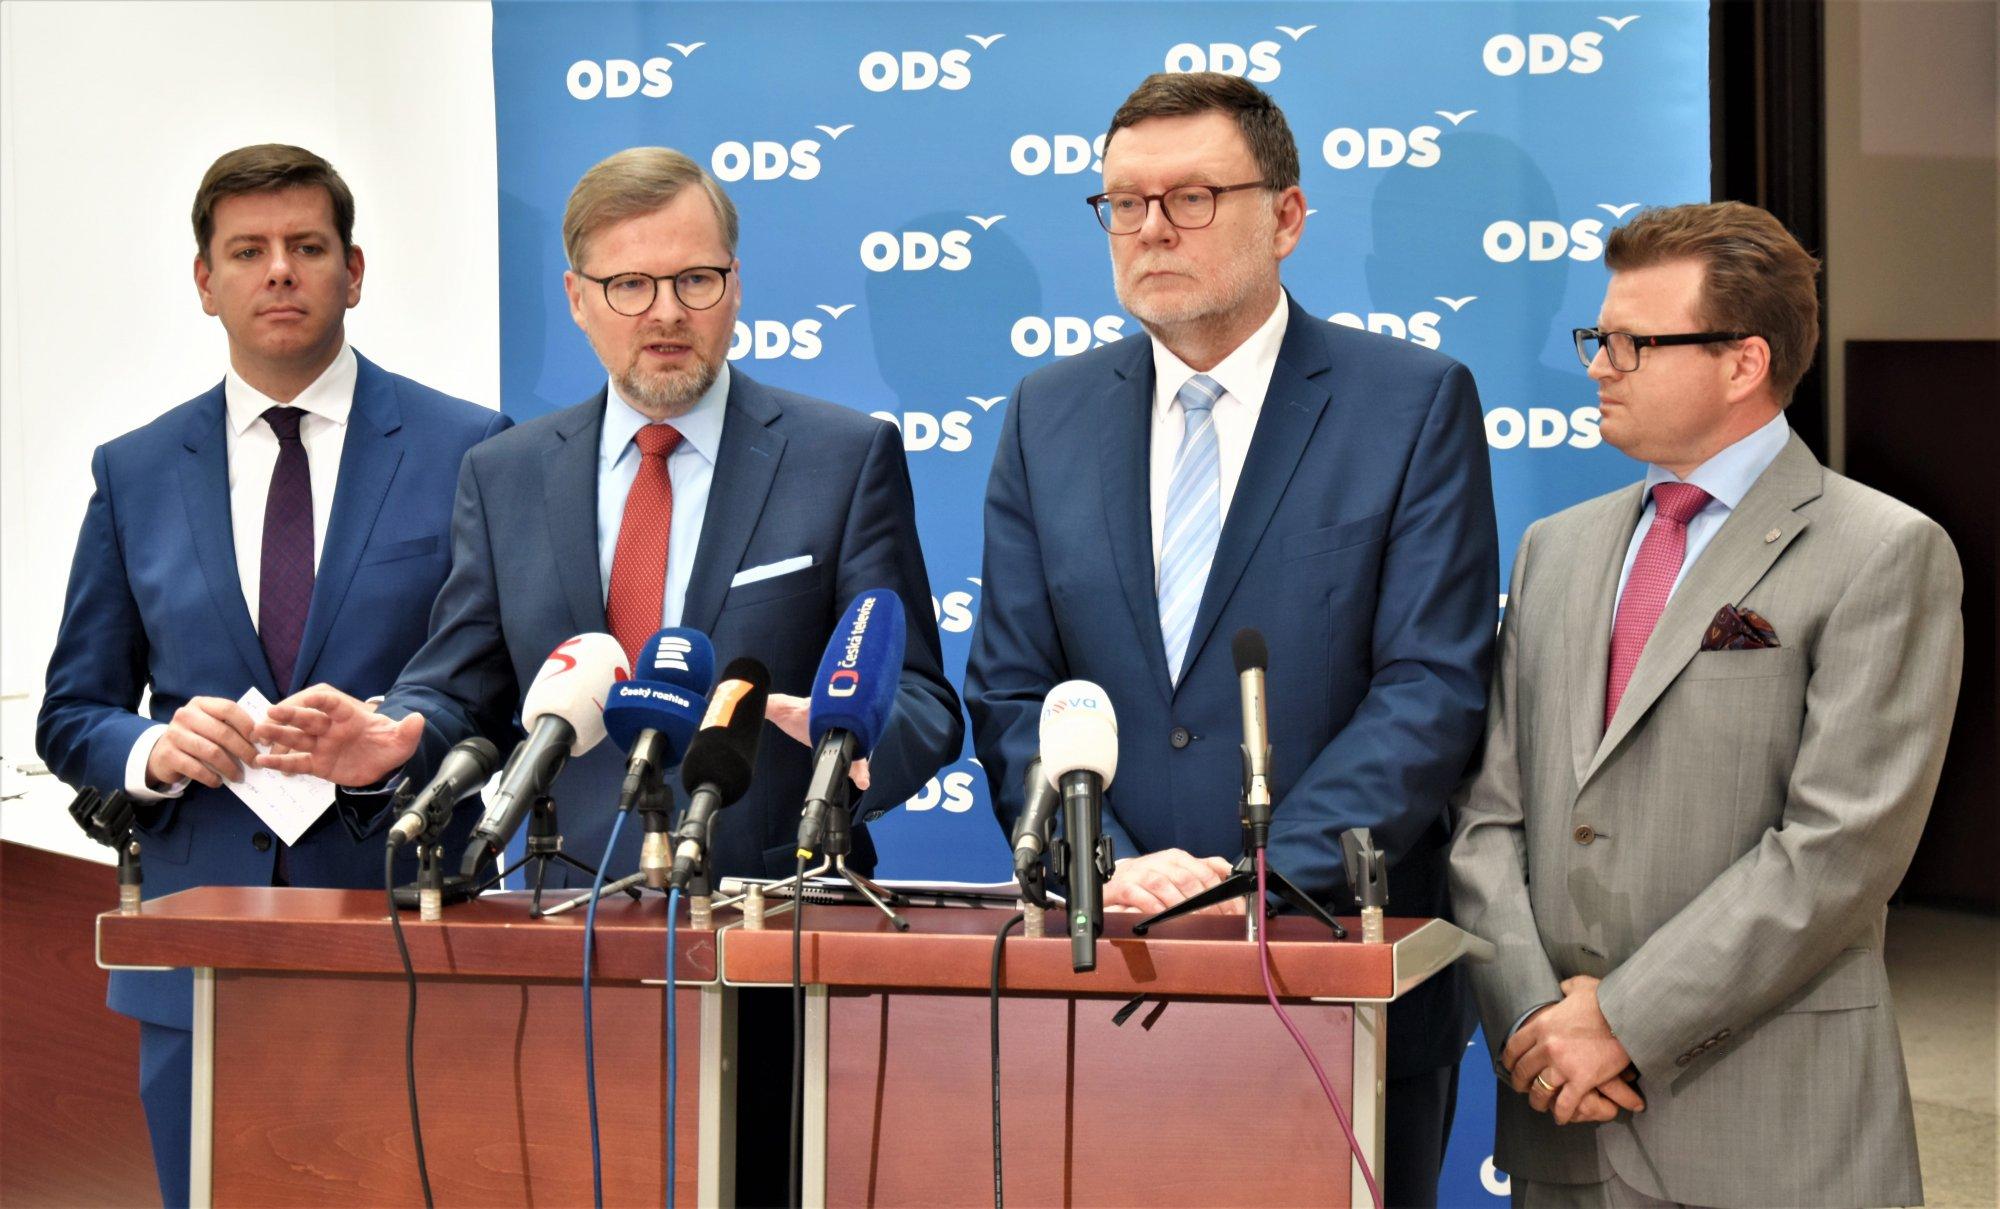 ODS: Vláda by měla podnikatelům odložit platbu DPH z nezaplacených faktur